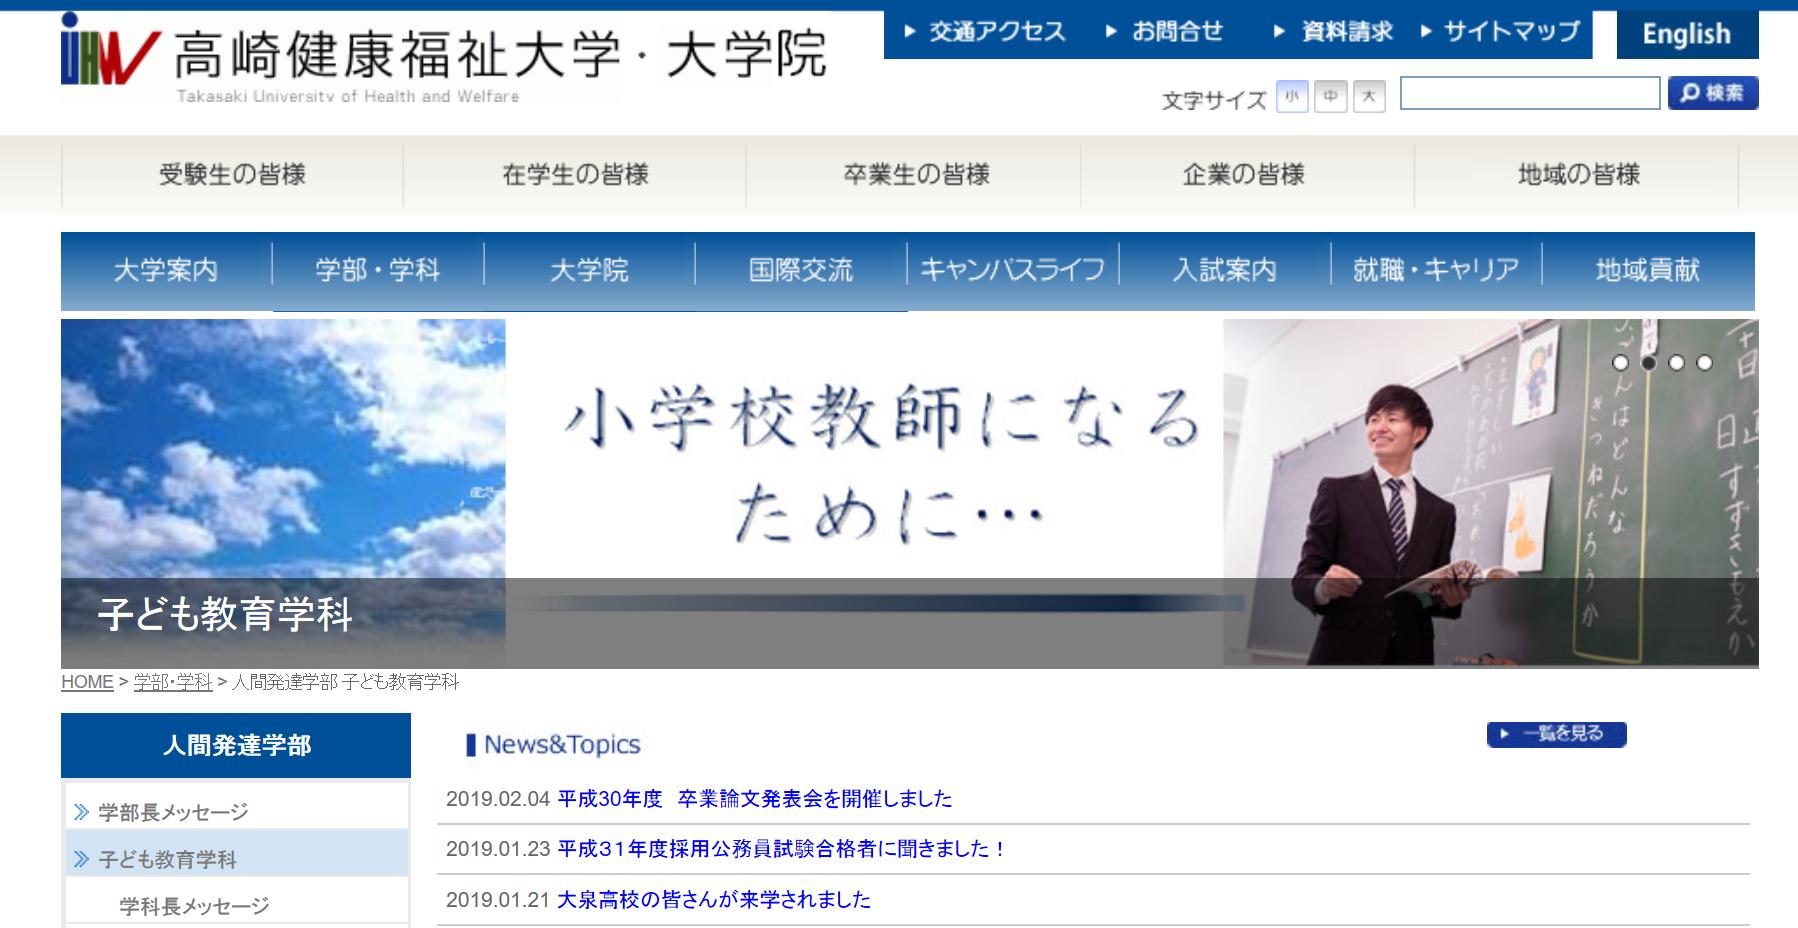 高崎健康福祉大学の評判・口コミ【人間発達学部編】